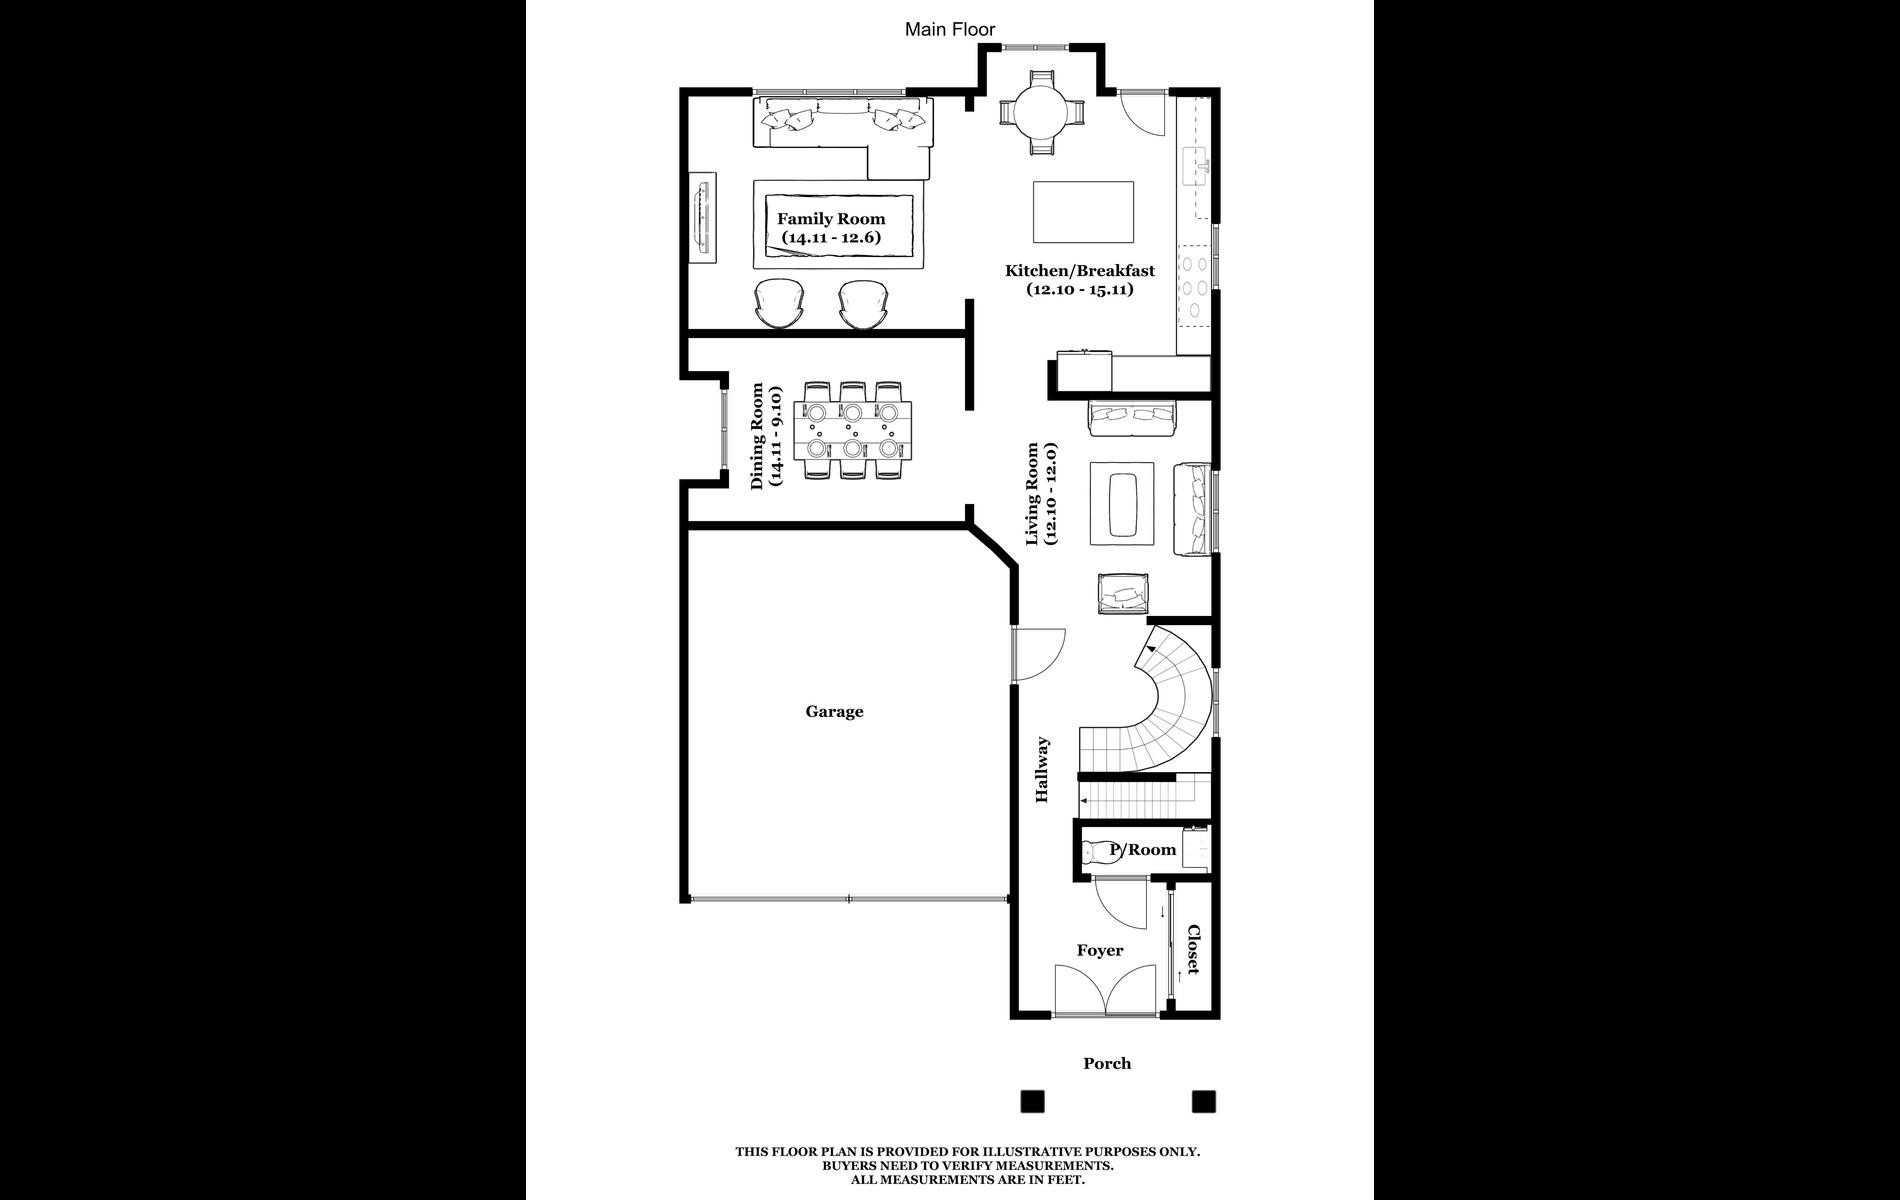 40 Zimmer St, Brampton